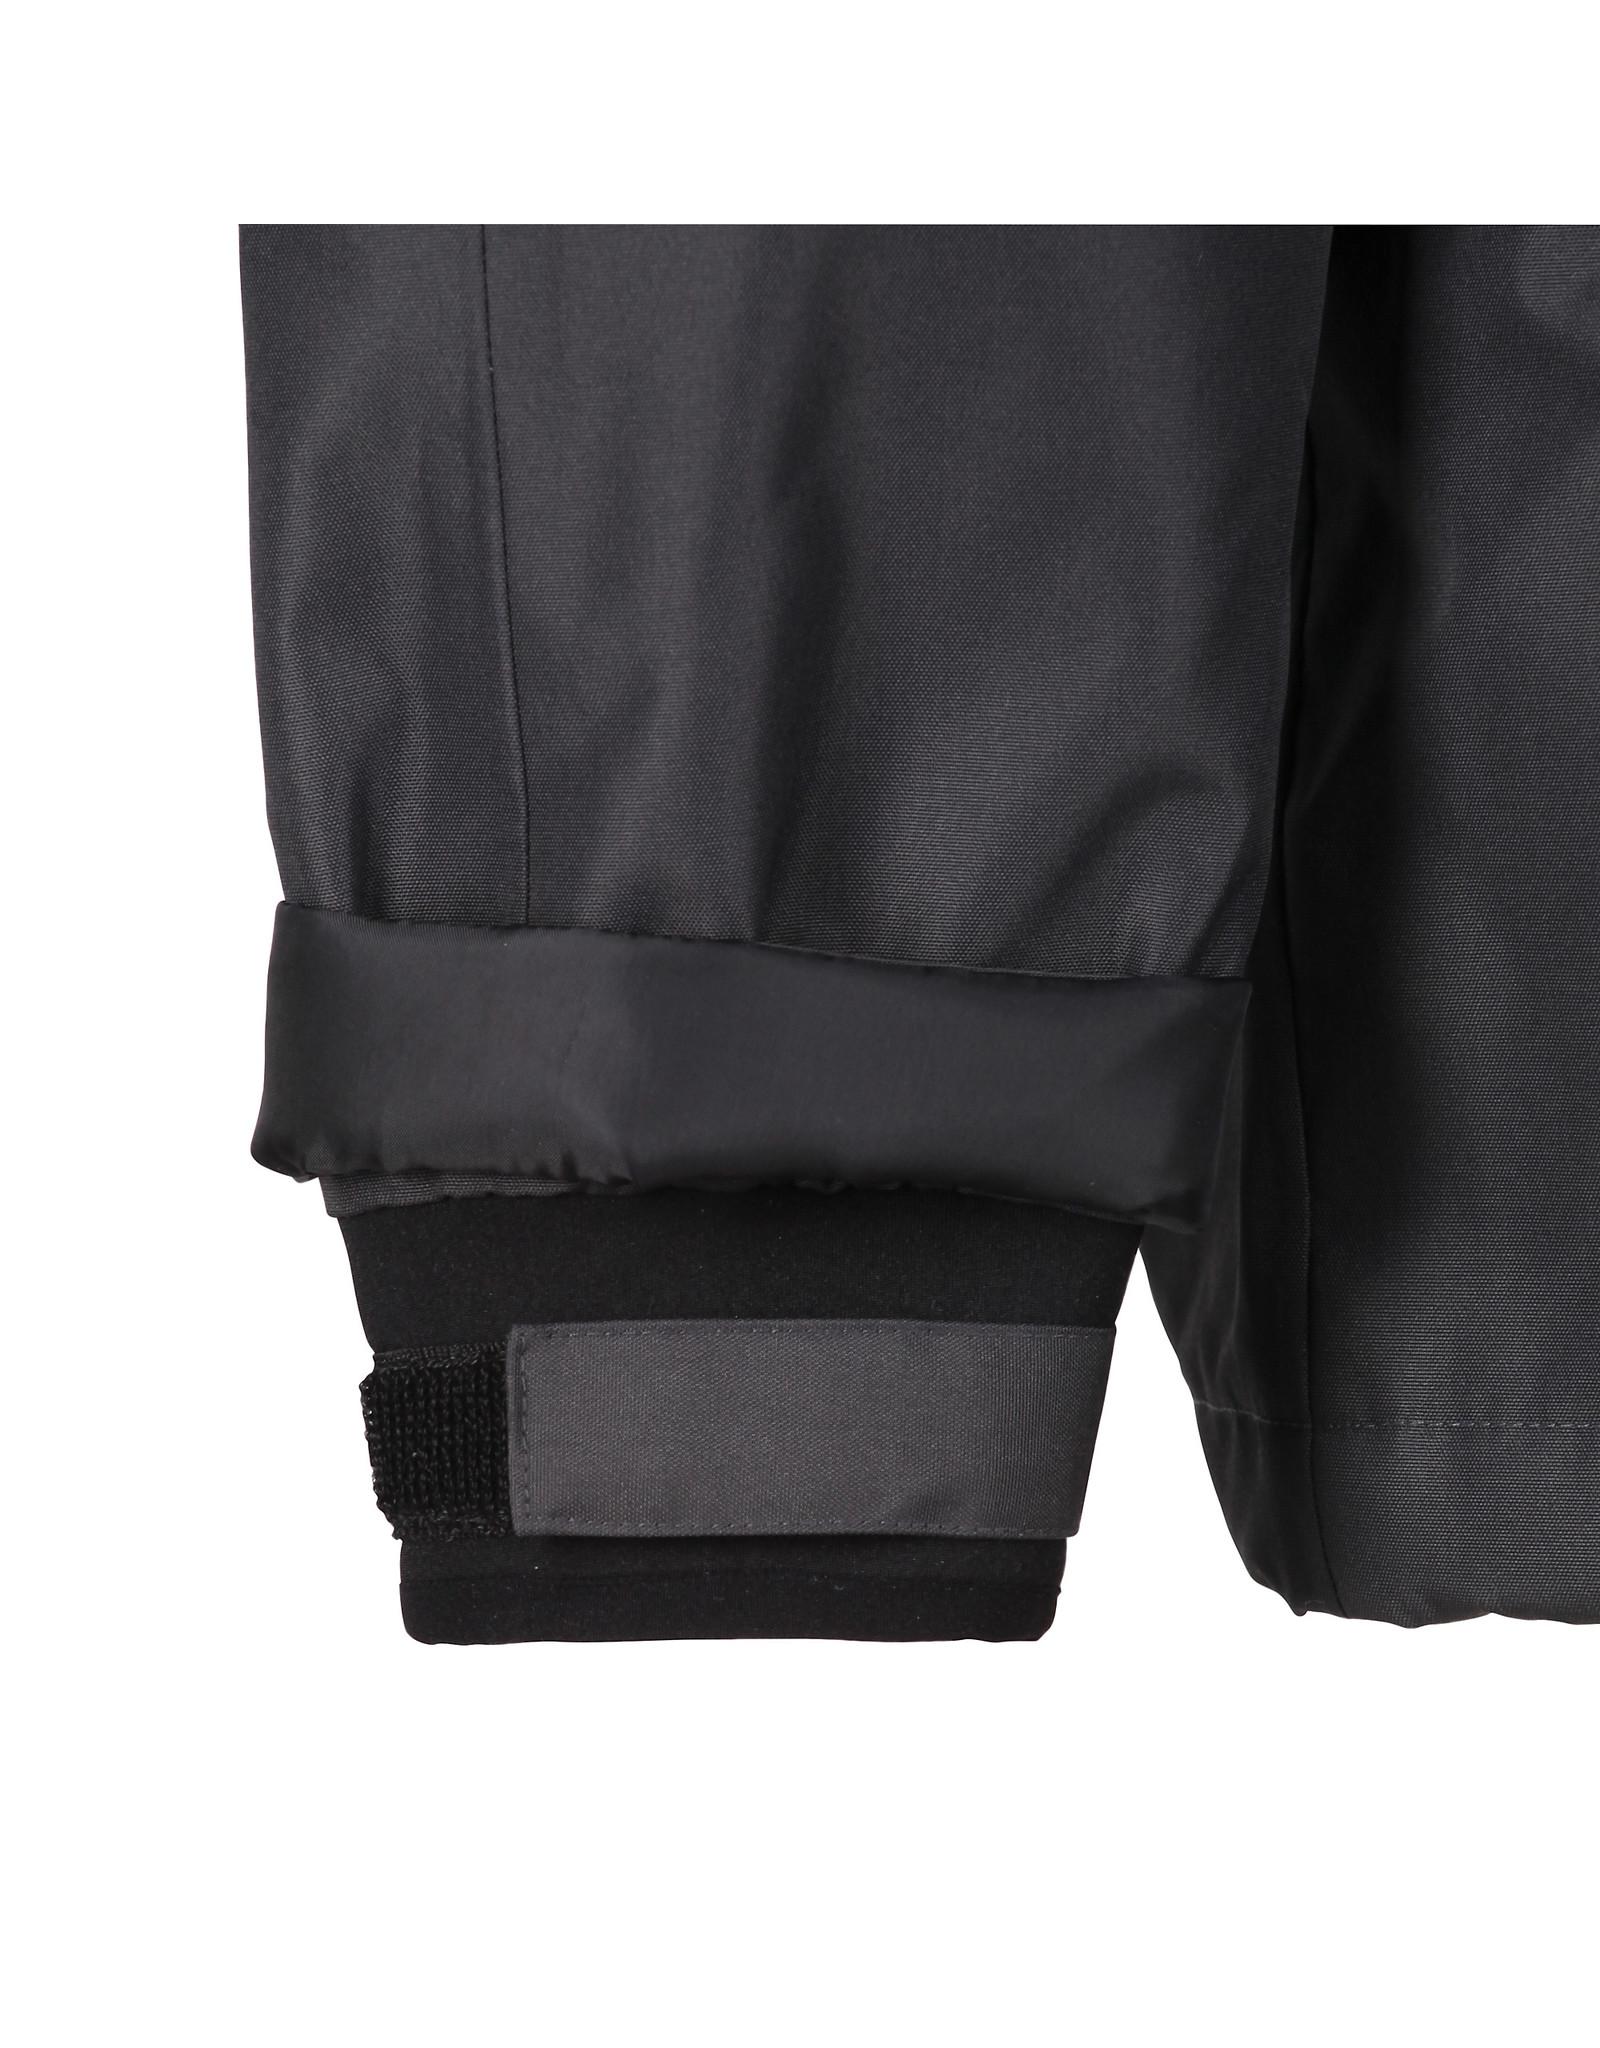 Greys Greys All Weather Jacket